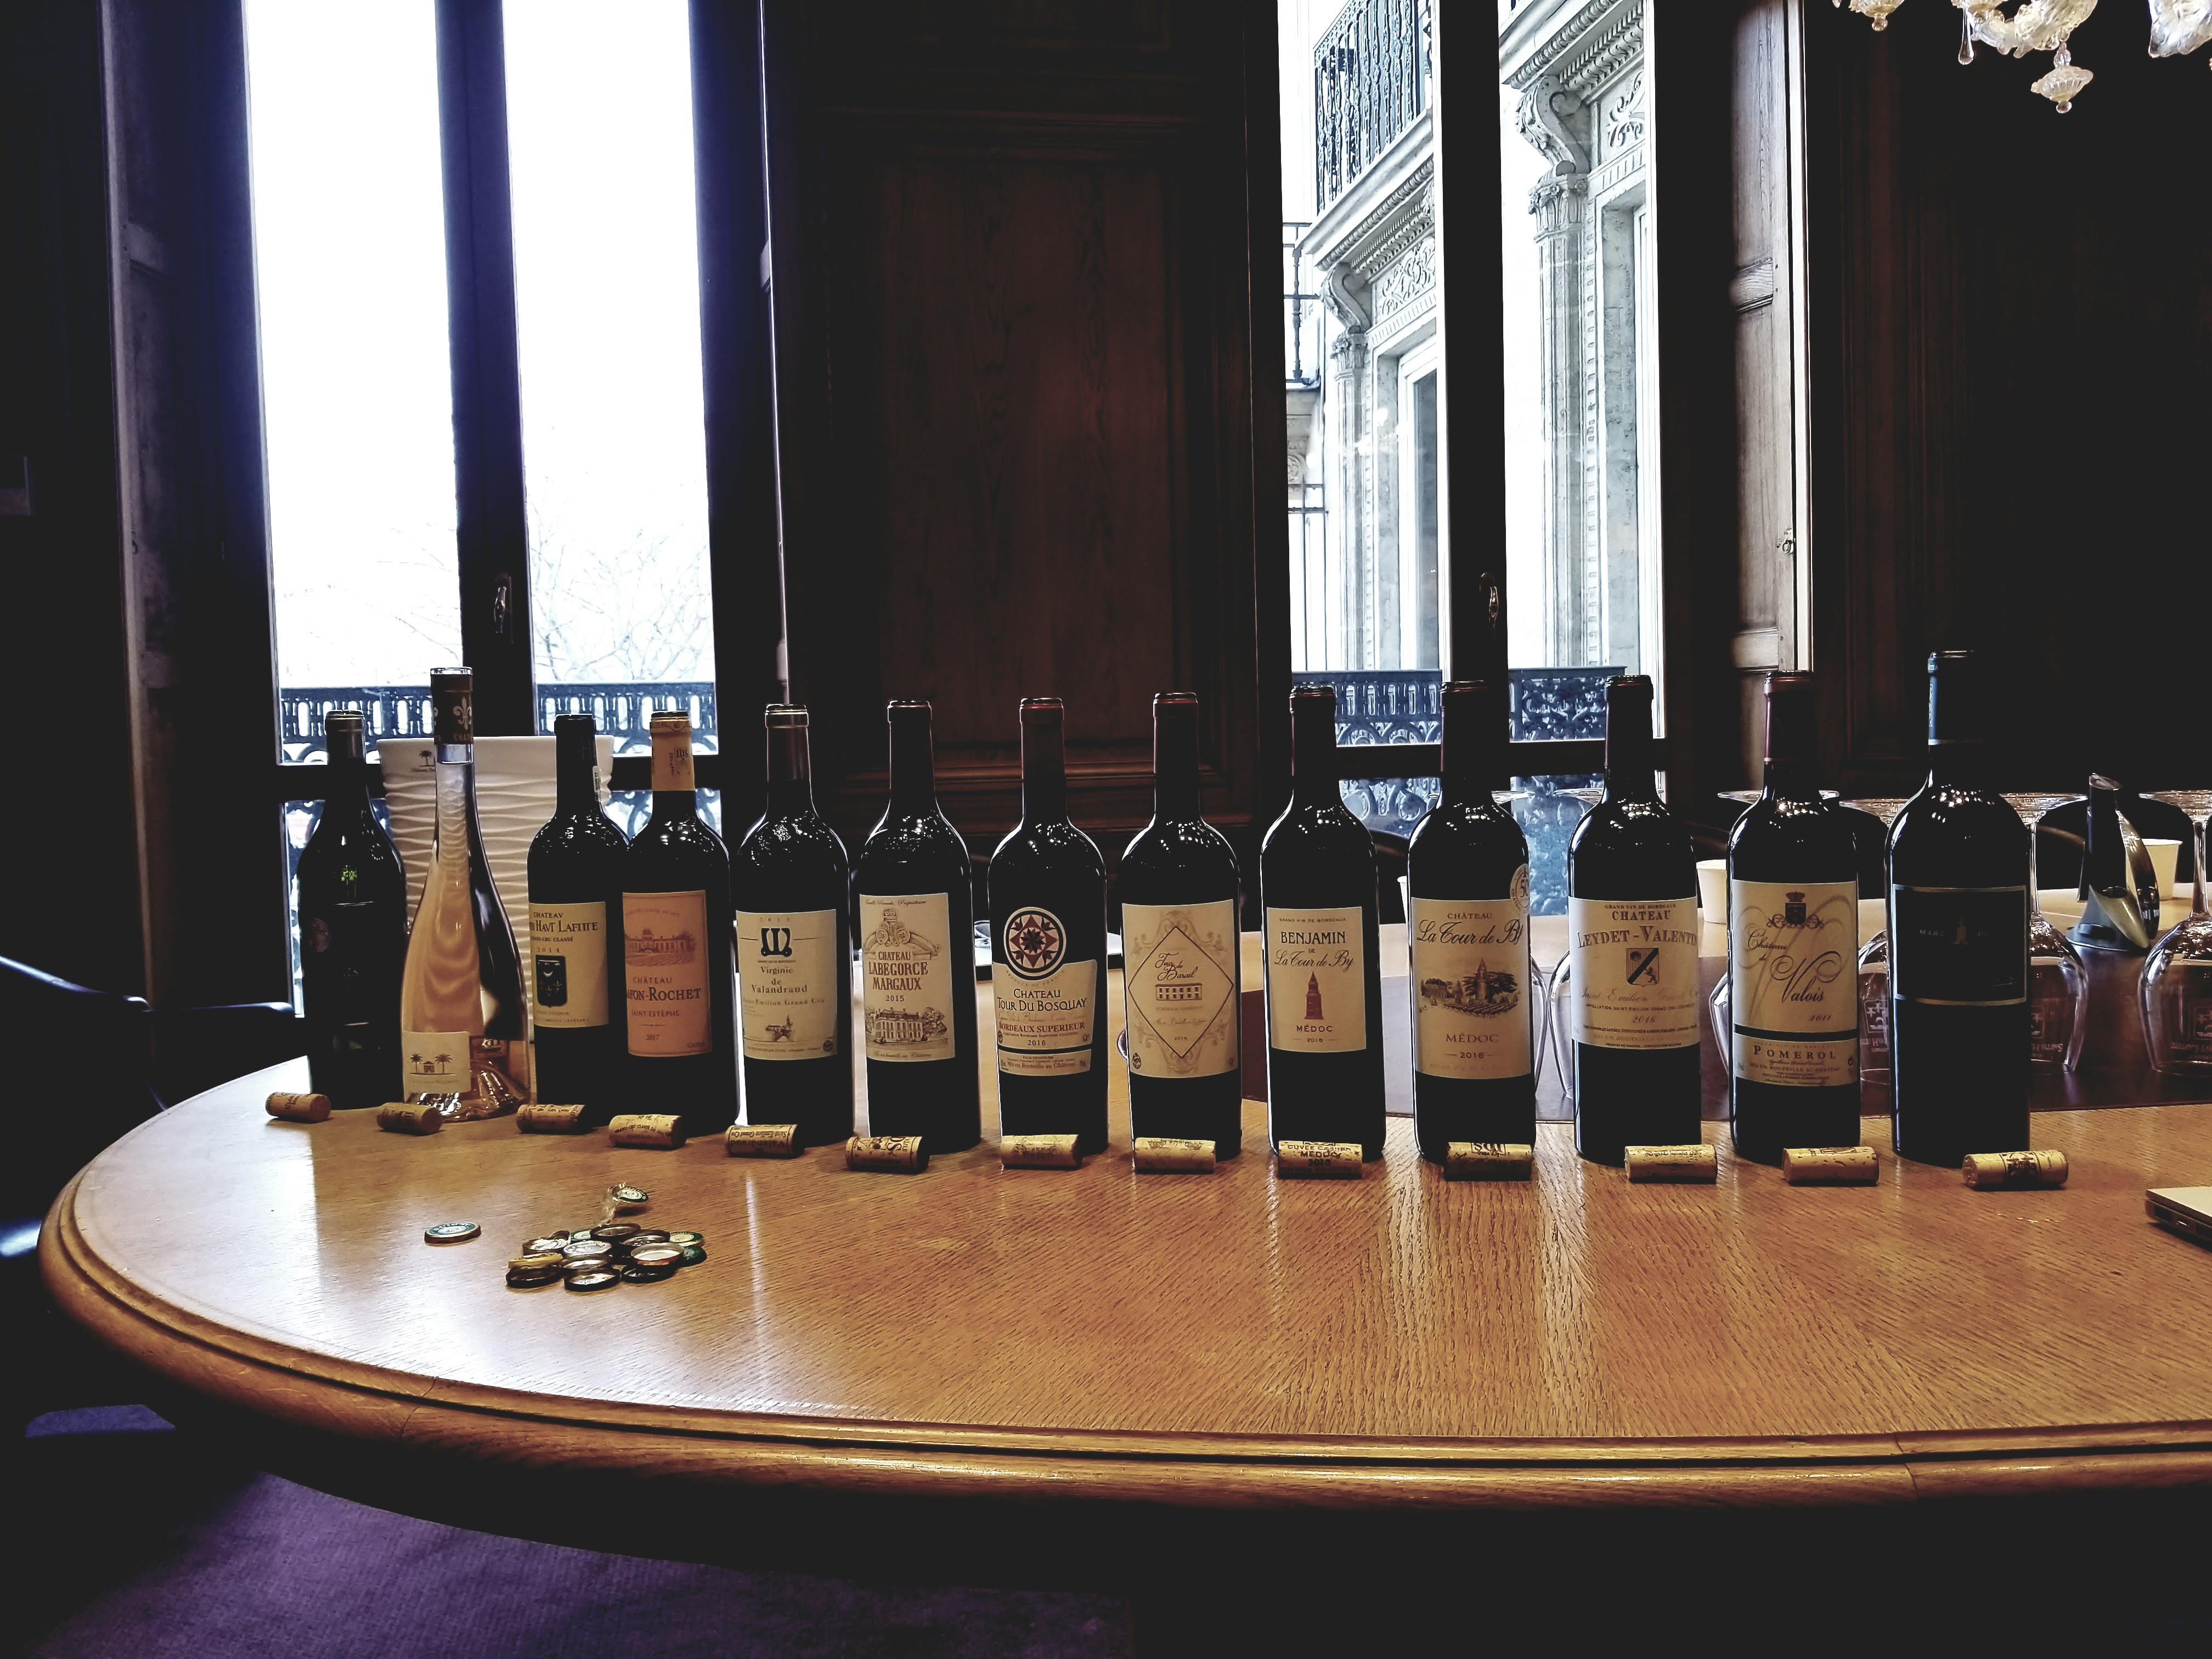 Complete Les Vins IDS wine lineup 2